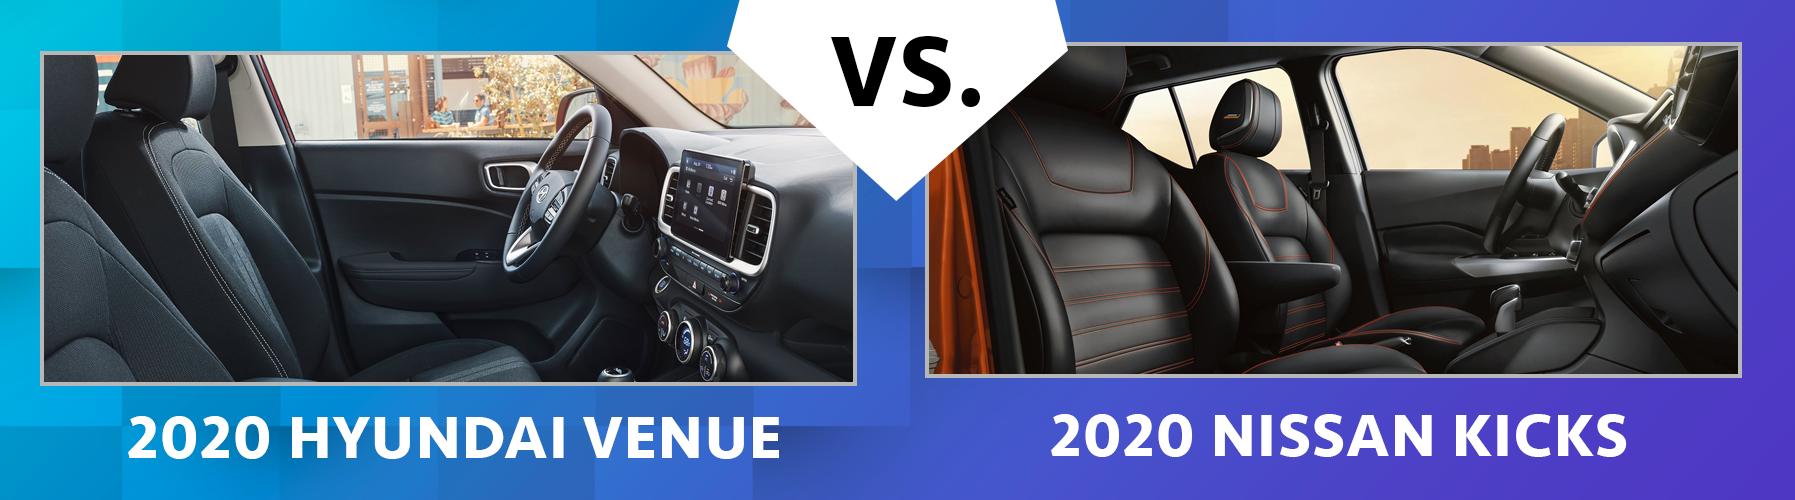 2020 Venue vs 2020 Nissan Kicks Interior